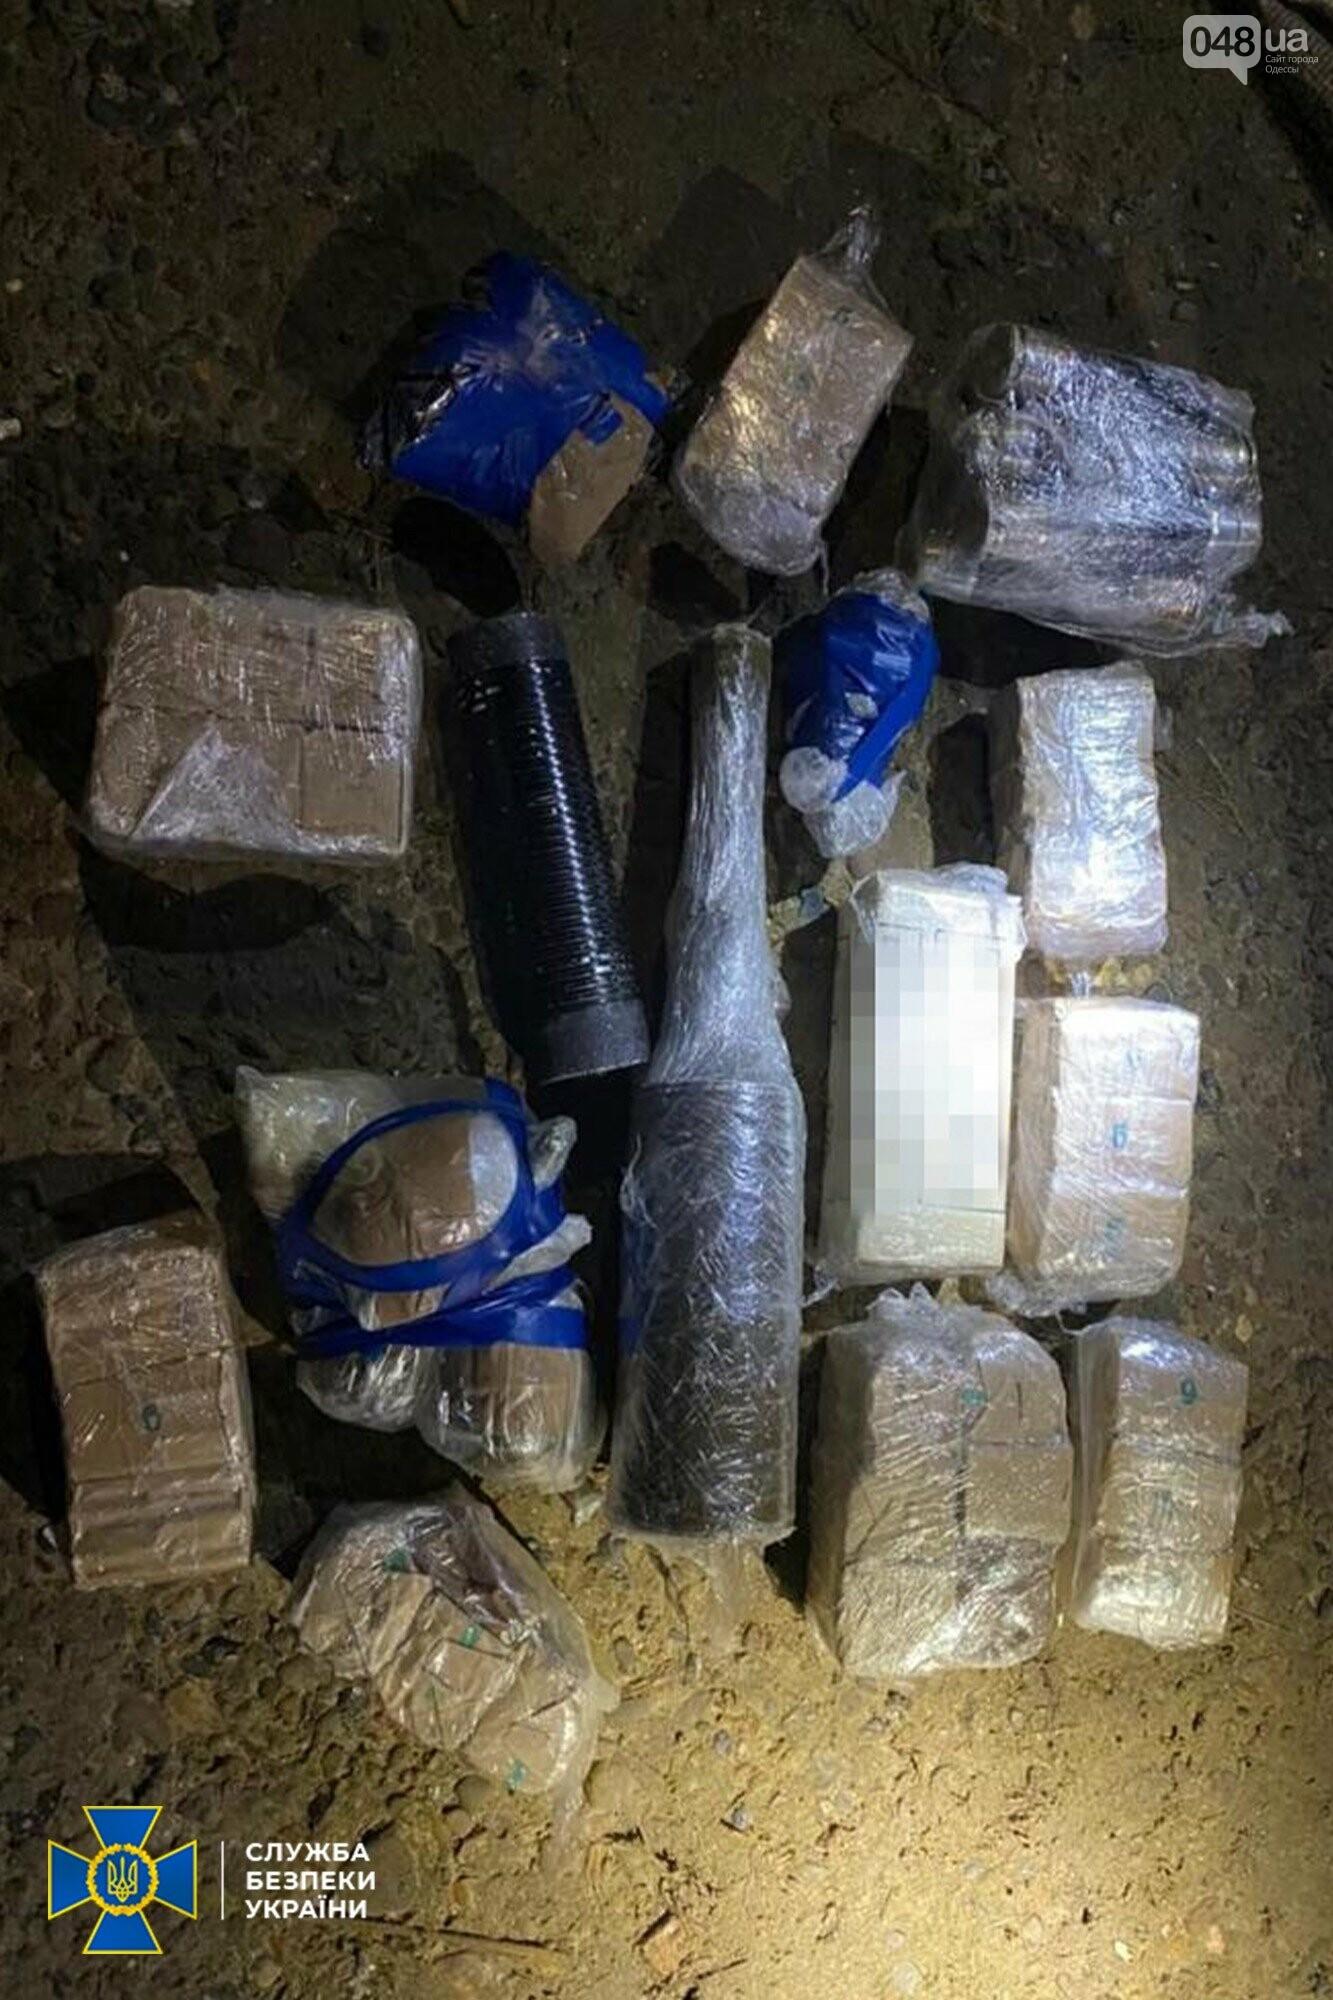 Оружие, контрабанда и нелегалы: сотрудники СБУ разоблачили международную преступную группу, - ФОТО, фото-3